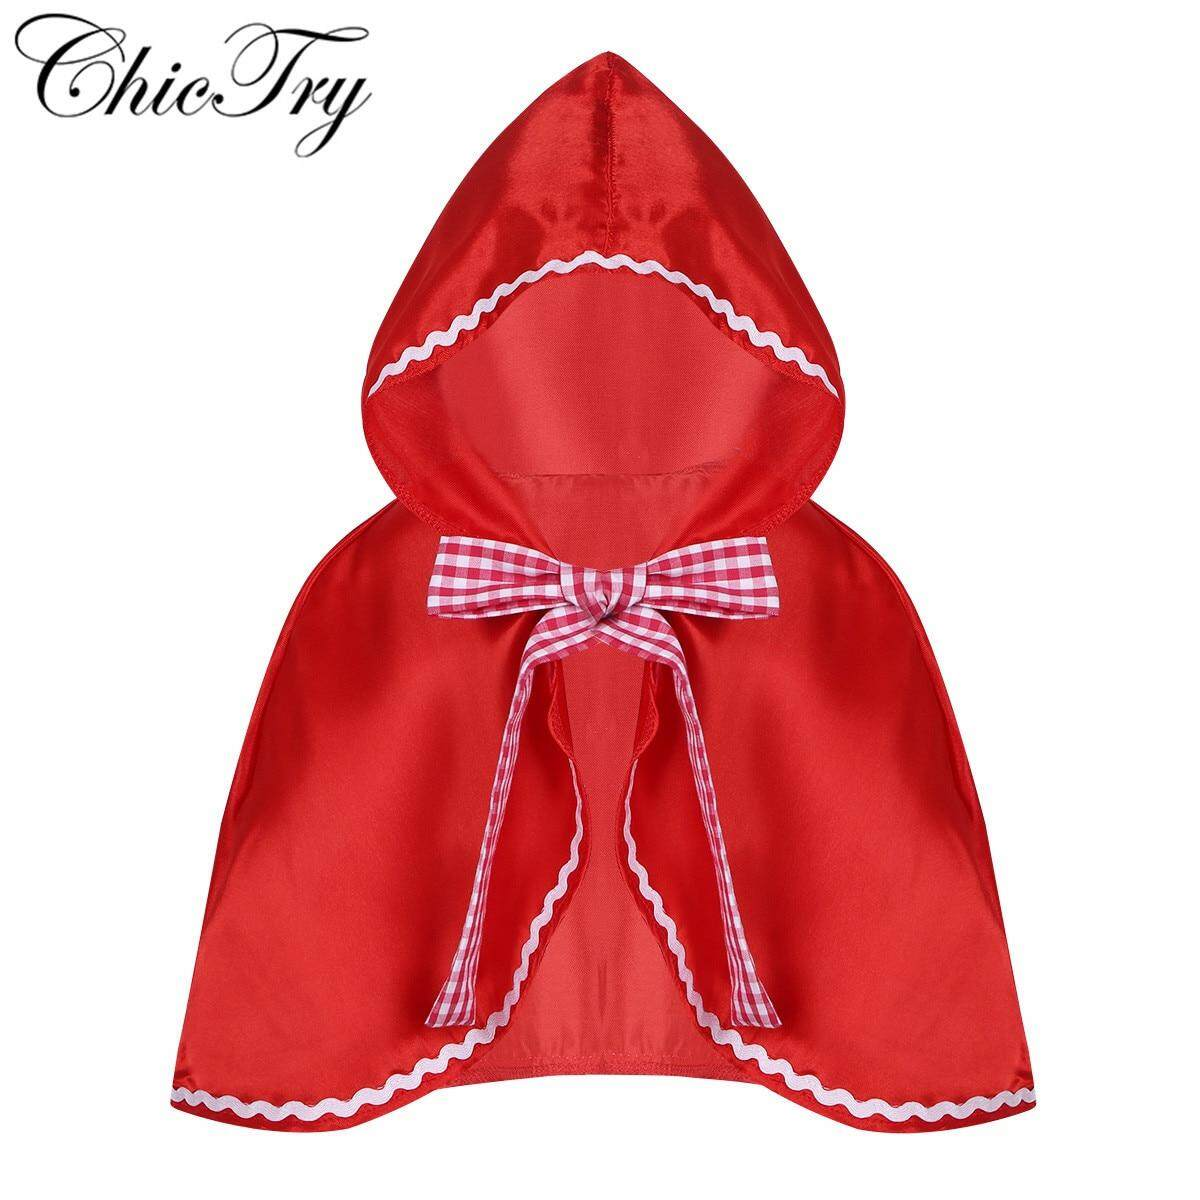 Little Red Riding Hood Costume Cape Dress Up Halloween Cloak